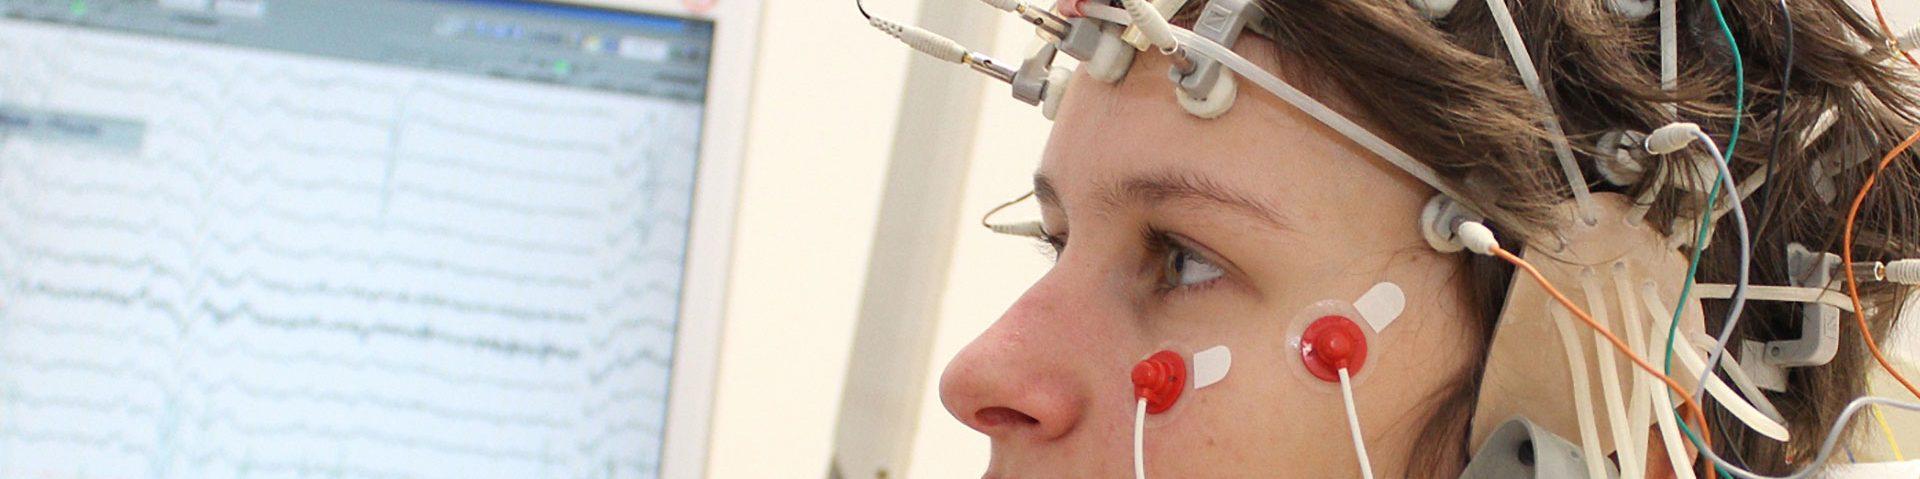 Neurologischer Test an jungem Mädchen